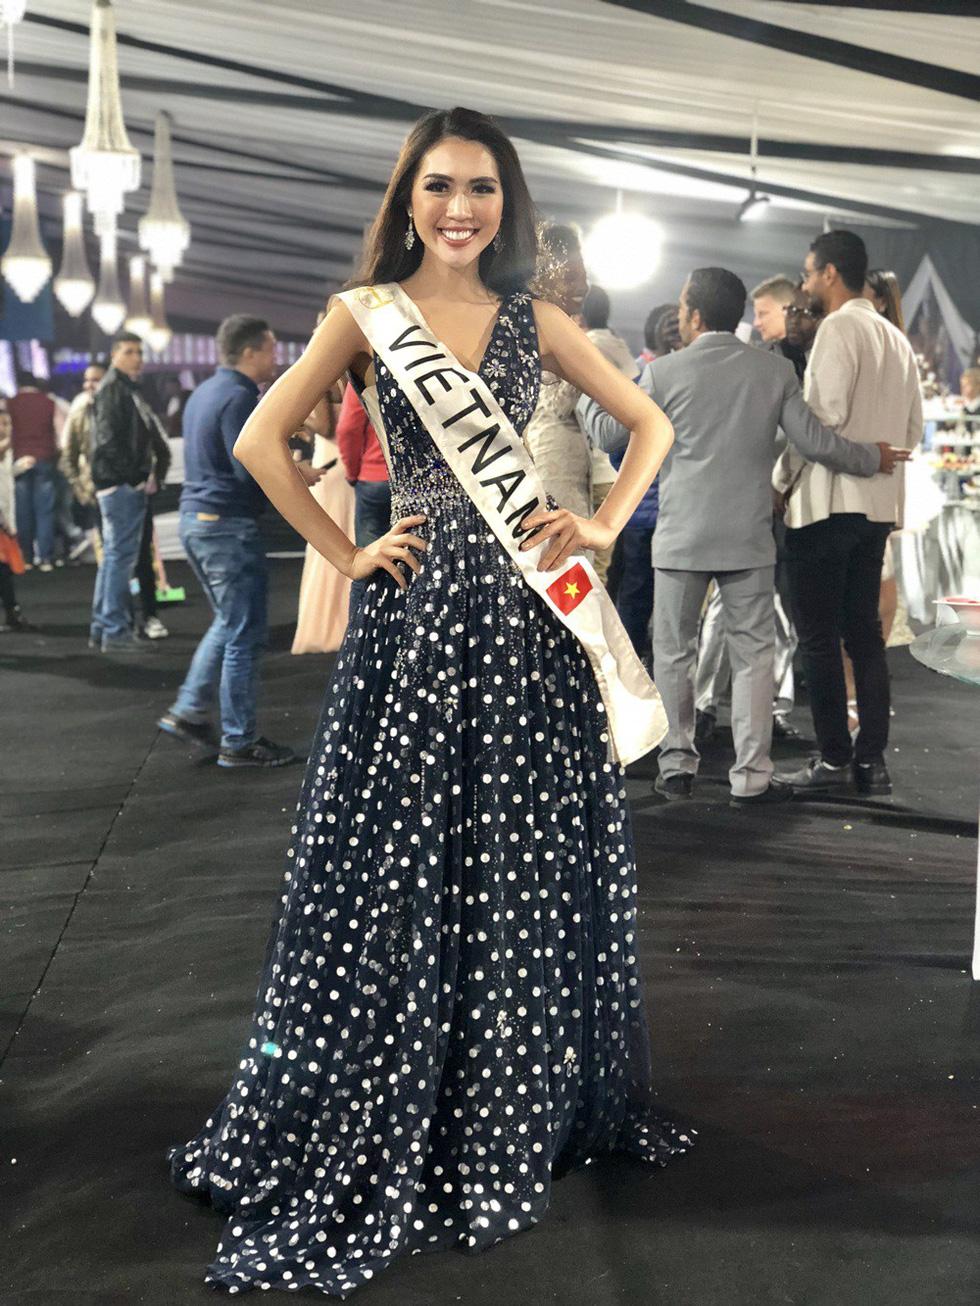 Tường Linh đoạt giải Hoa hậu được yêu thích nhất - Ảnh 6.